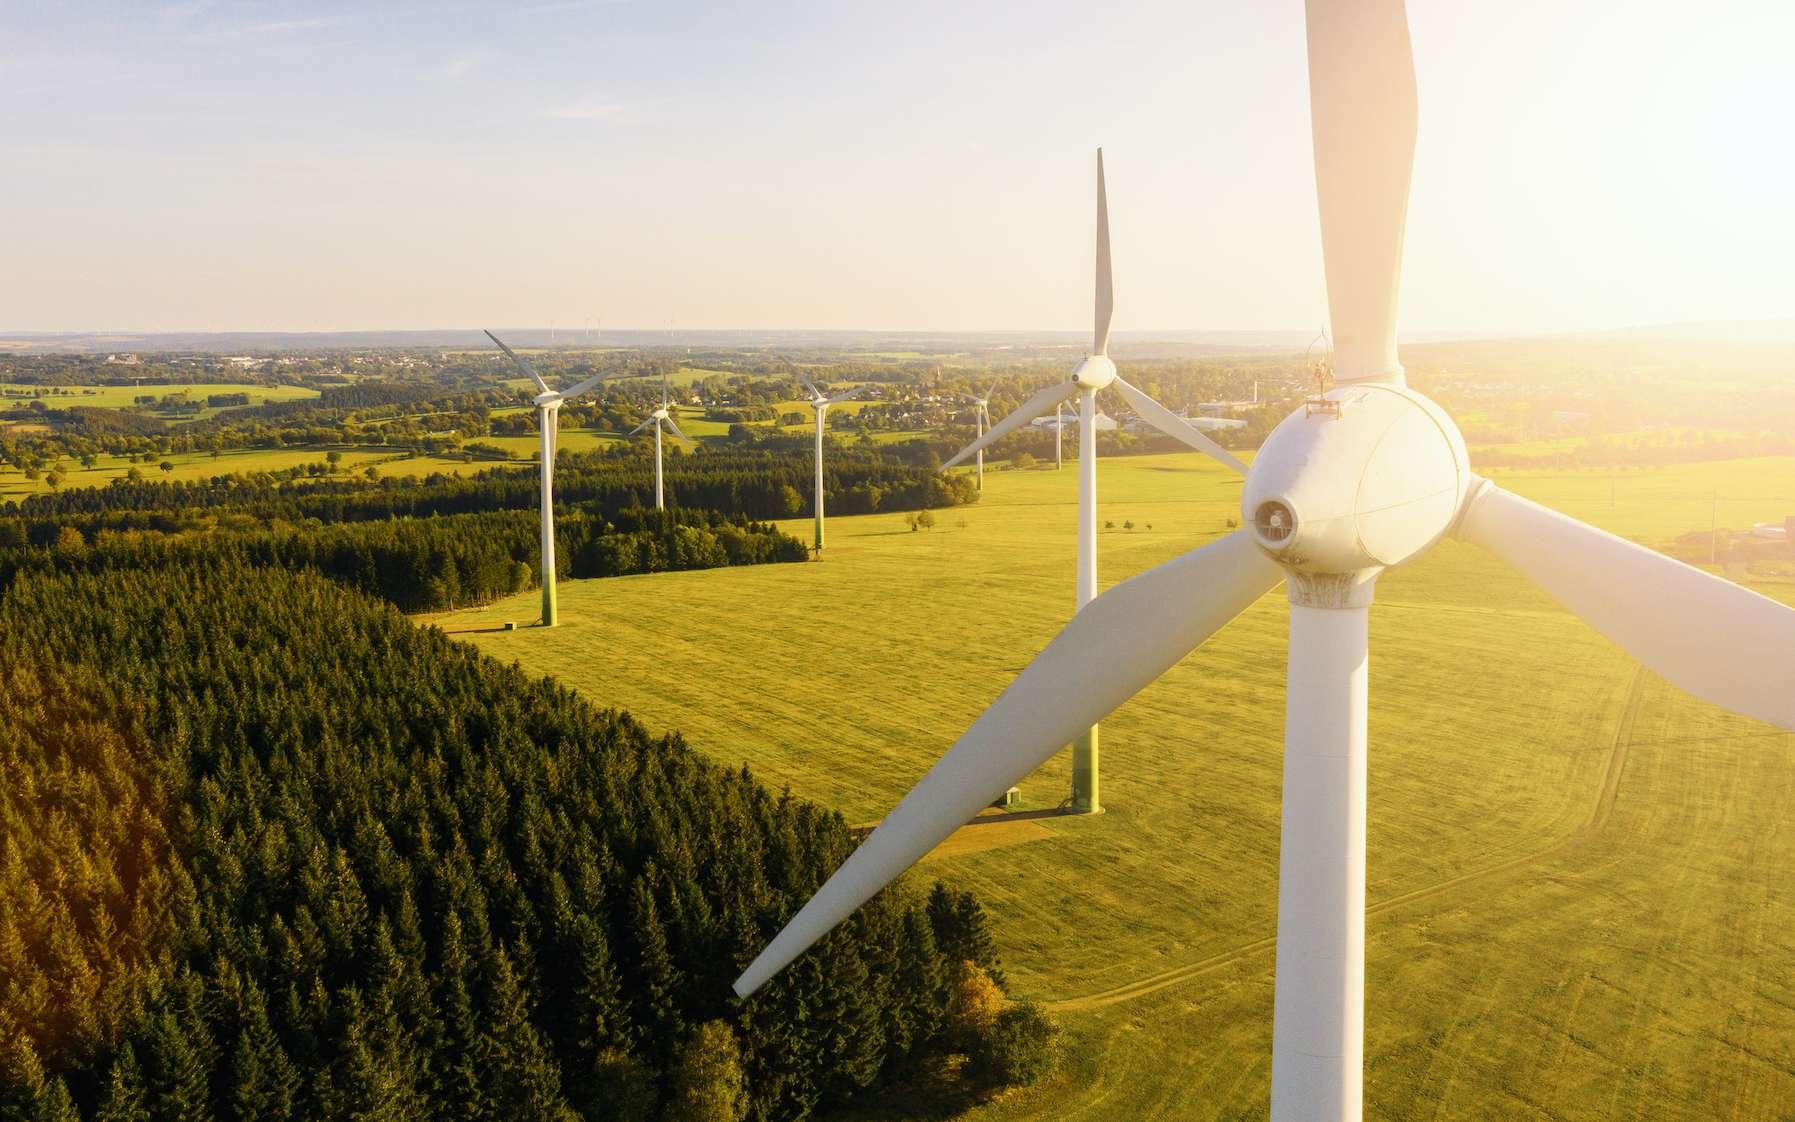 Le développement à grande échelle d'éoliennes ou de panneaux solaires entraîne une artificialisation des sols et une perte de biodiversité. © rcfotostock, Adobe Stock